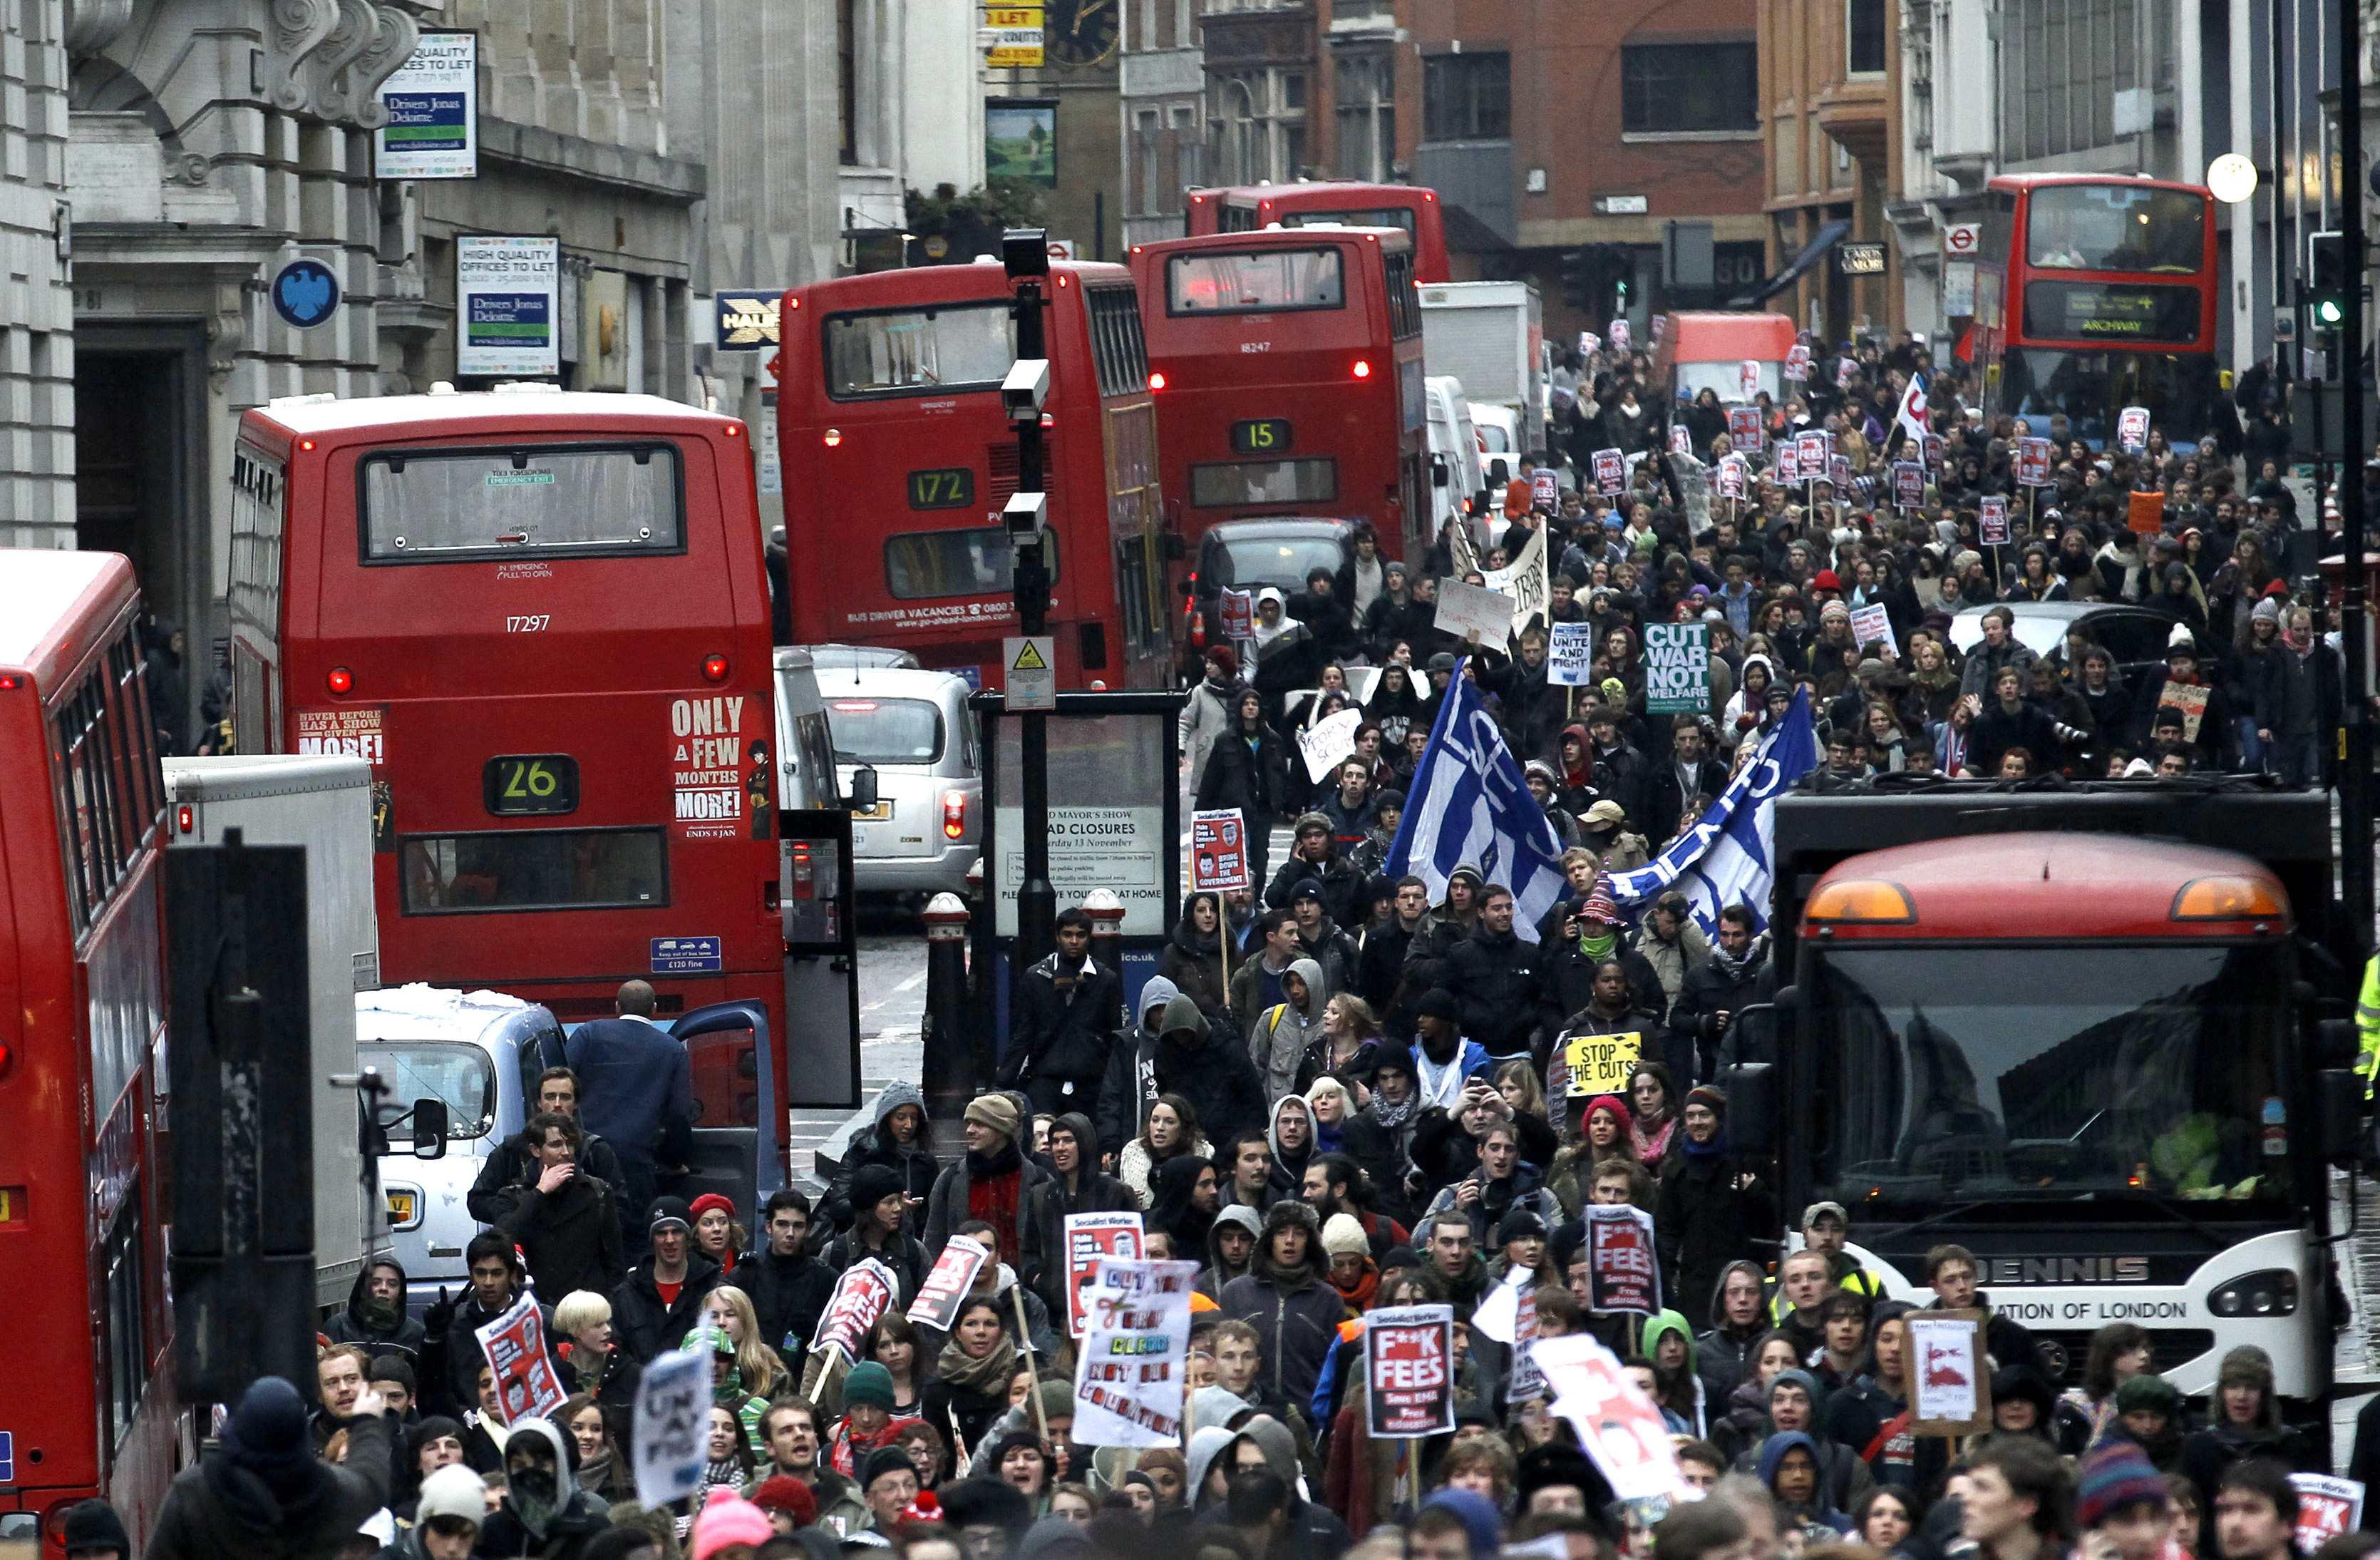 Κυκλοφοριακό χάος στους δρόμους του Λονδίνου - ΦΩΤΟ REUTERS